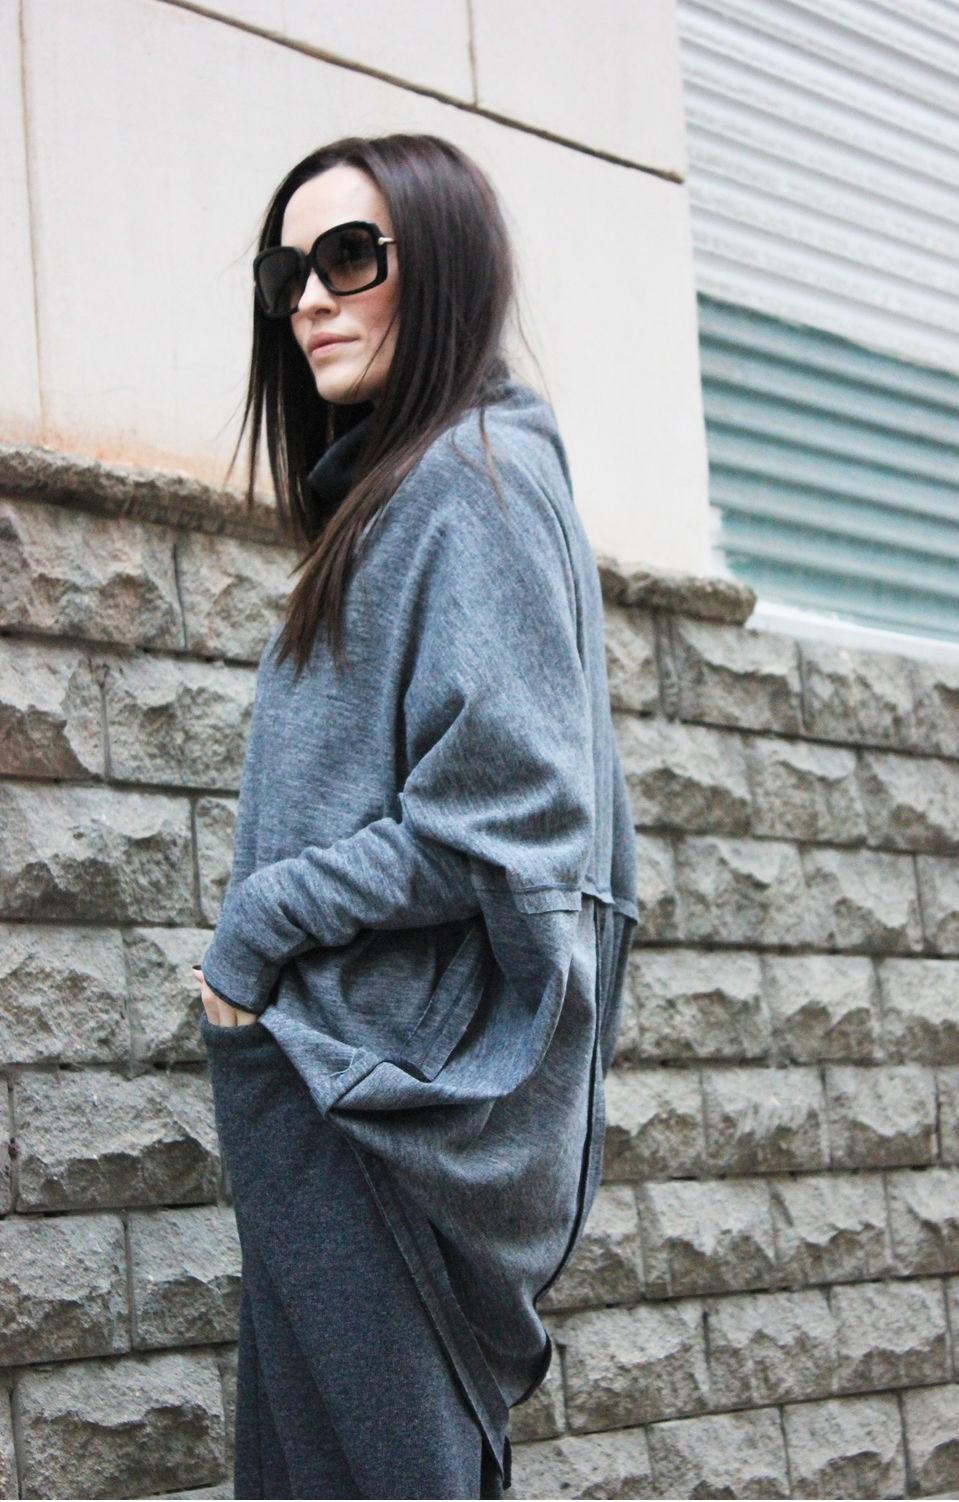 модные цвета осень 2019: серая кофта юбка свободный крой